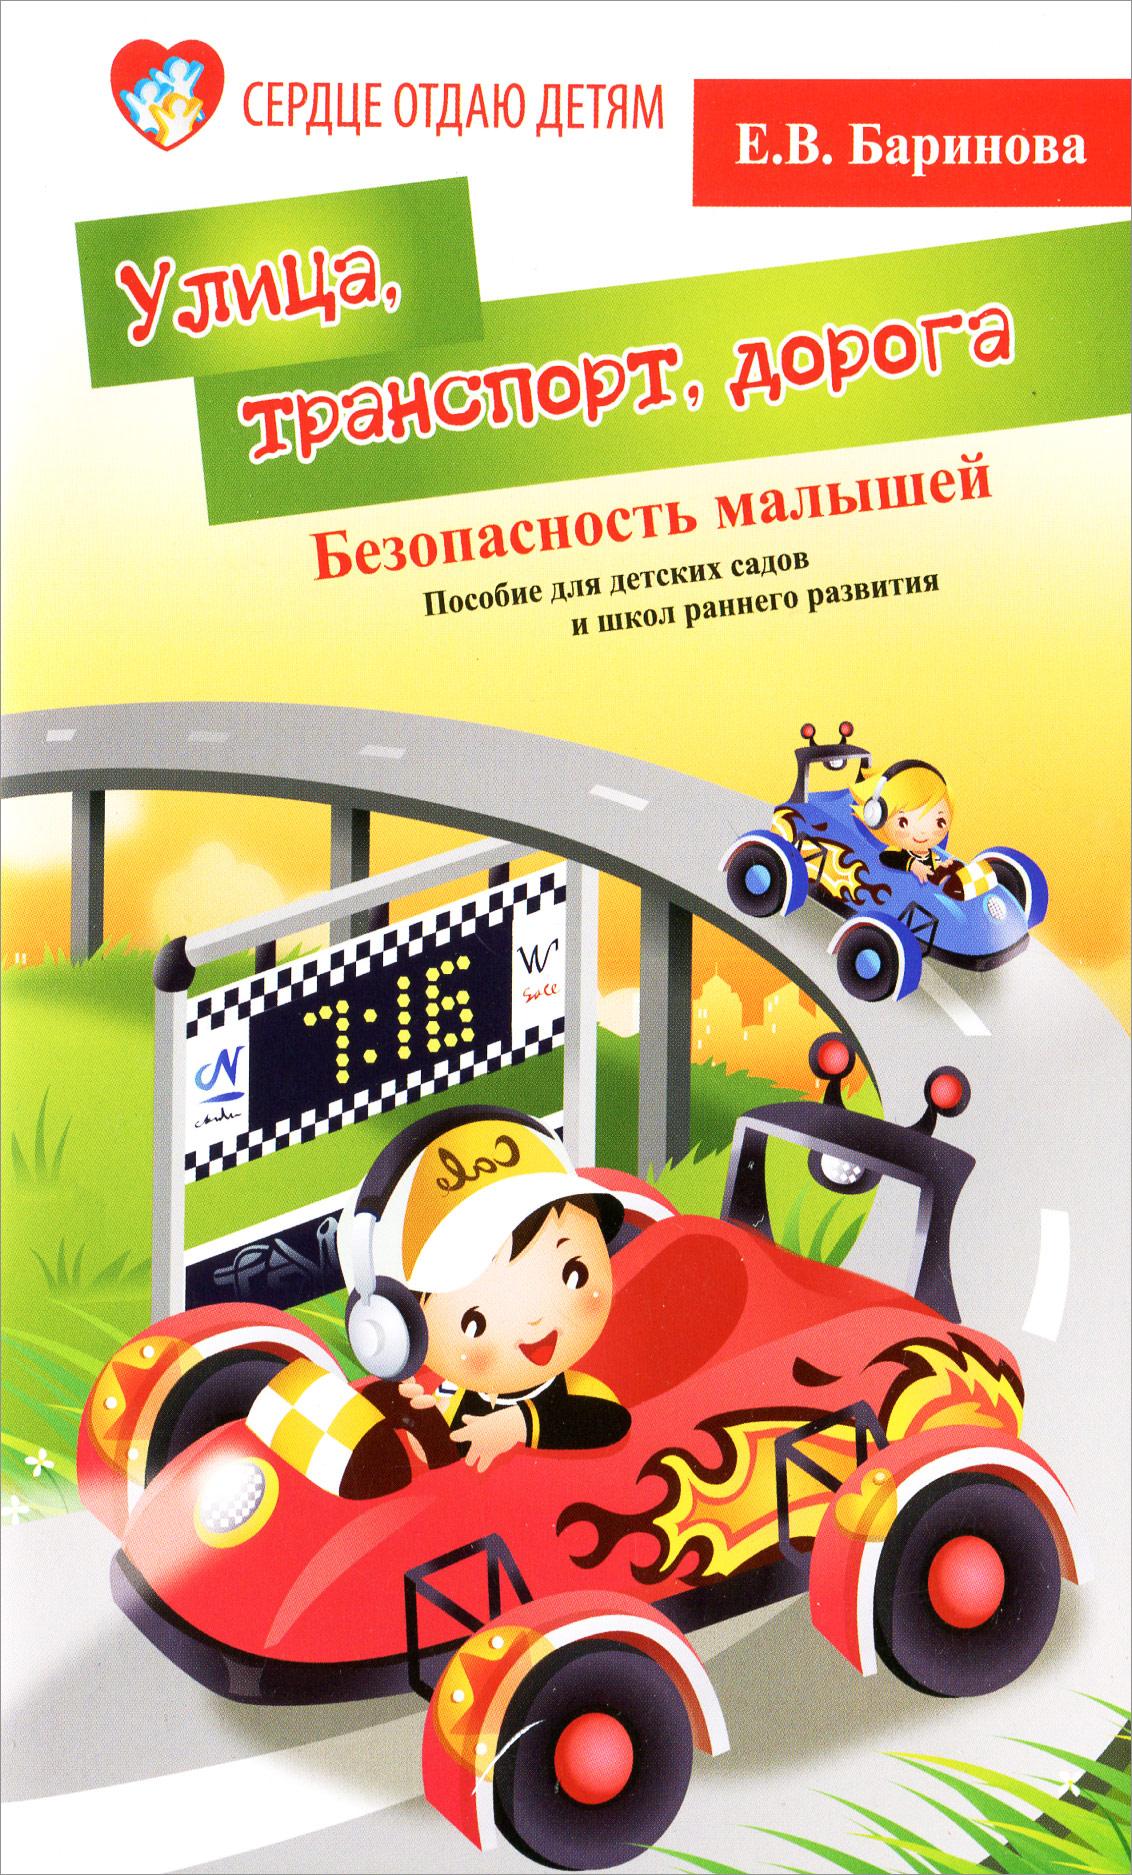 Безопасность малышей. Улица, транспорт, дорога, Е. В. Баринова